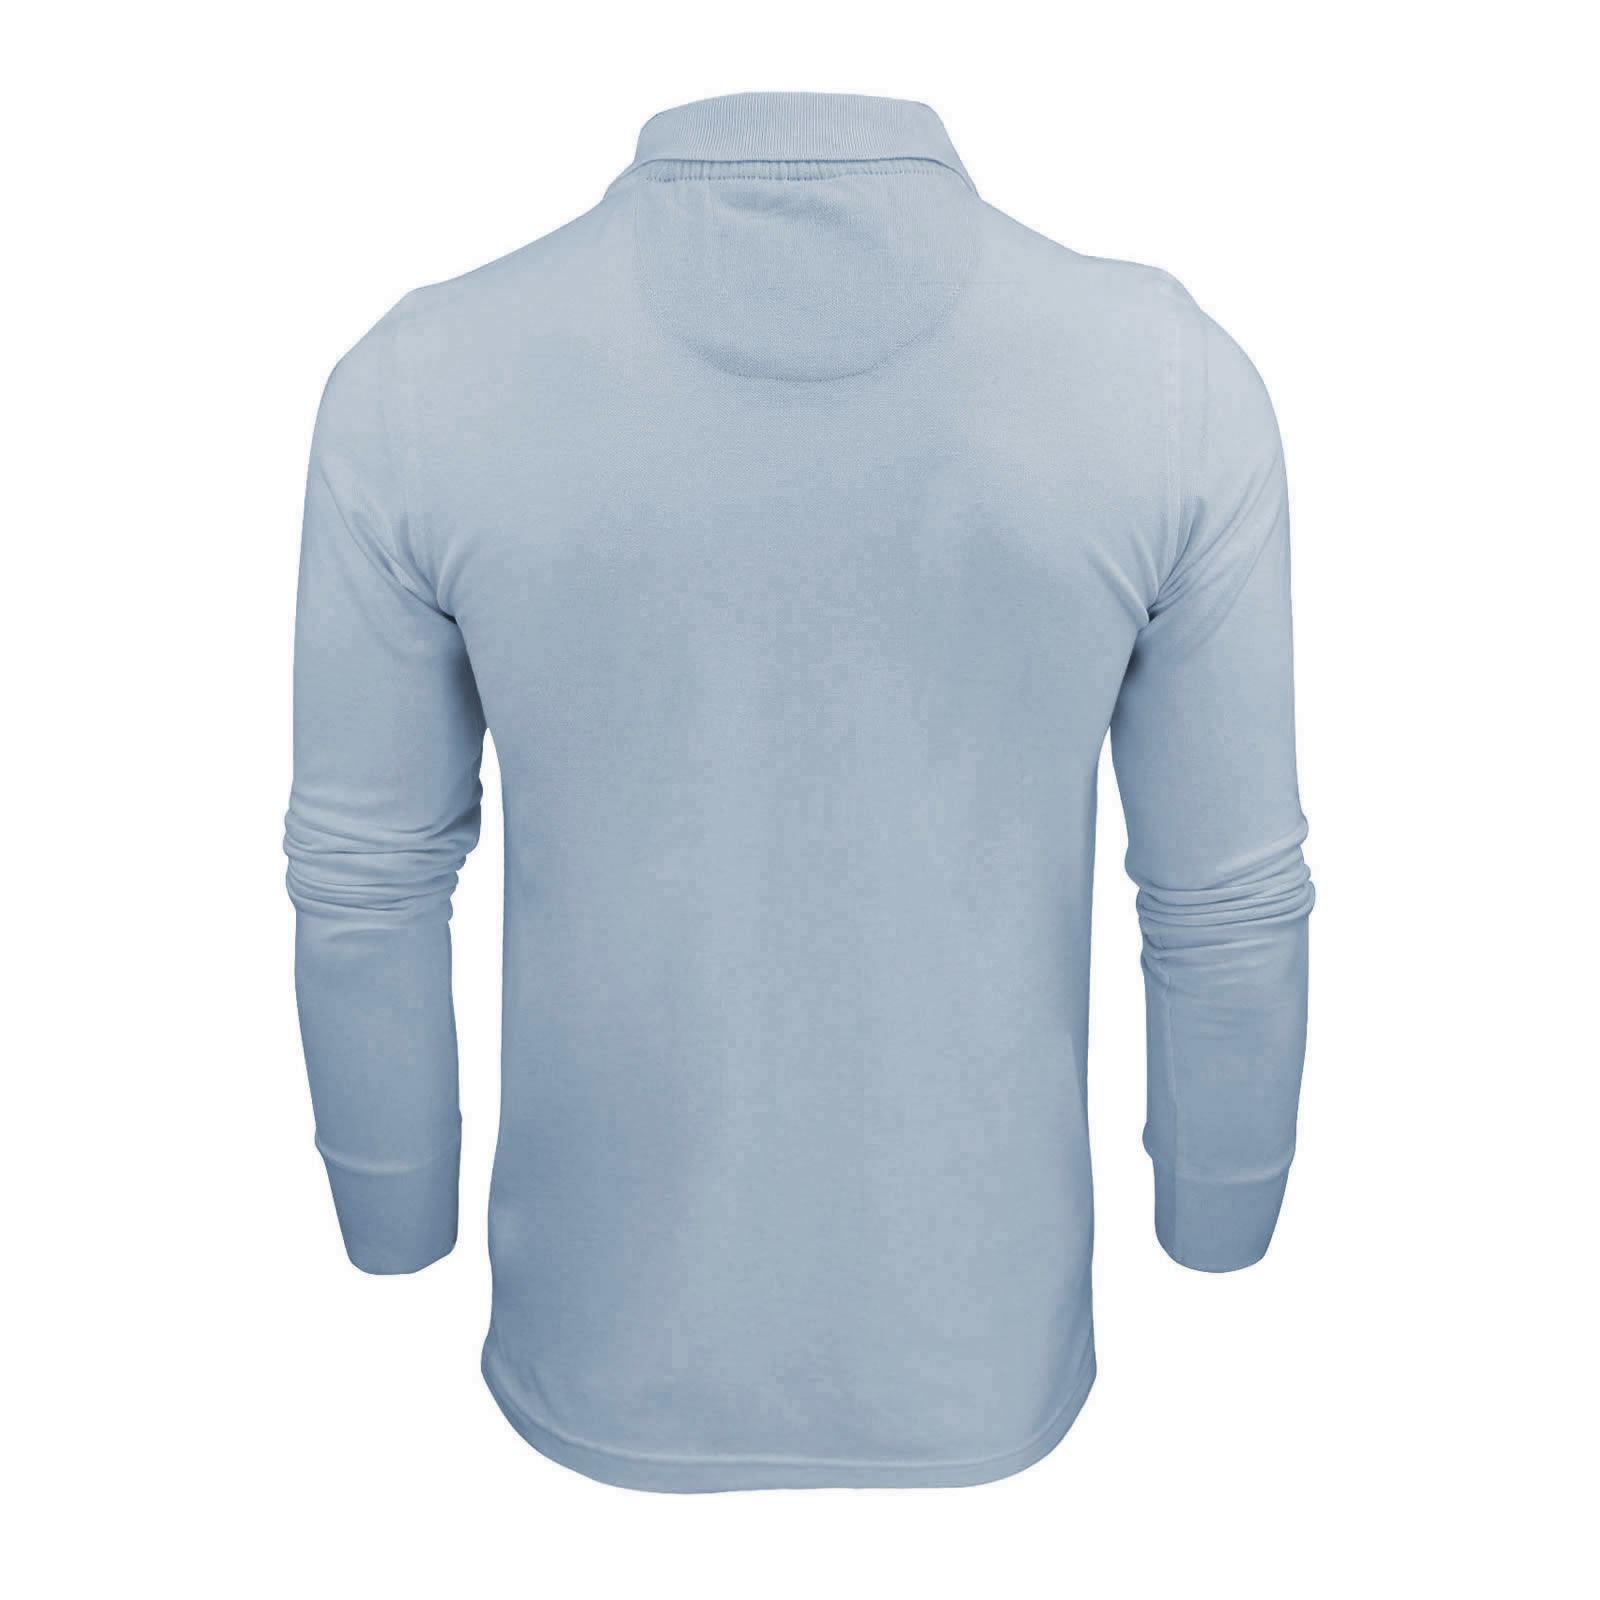 Homme-polo-t-shirt-brave-soul-lincoln-en-coton-a-manches-longues-pique-haut-decontracte miniature 35